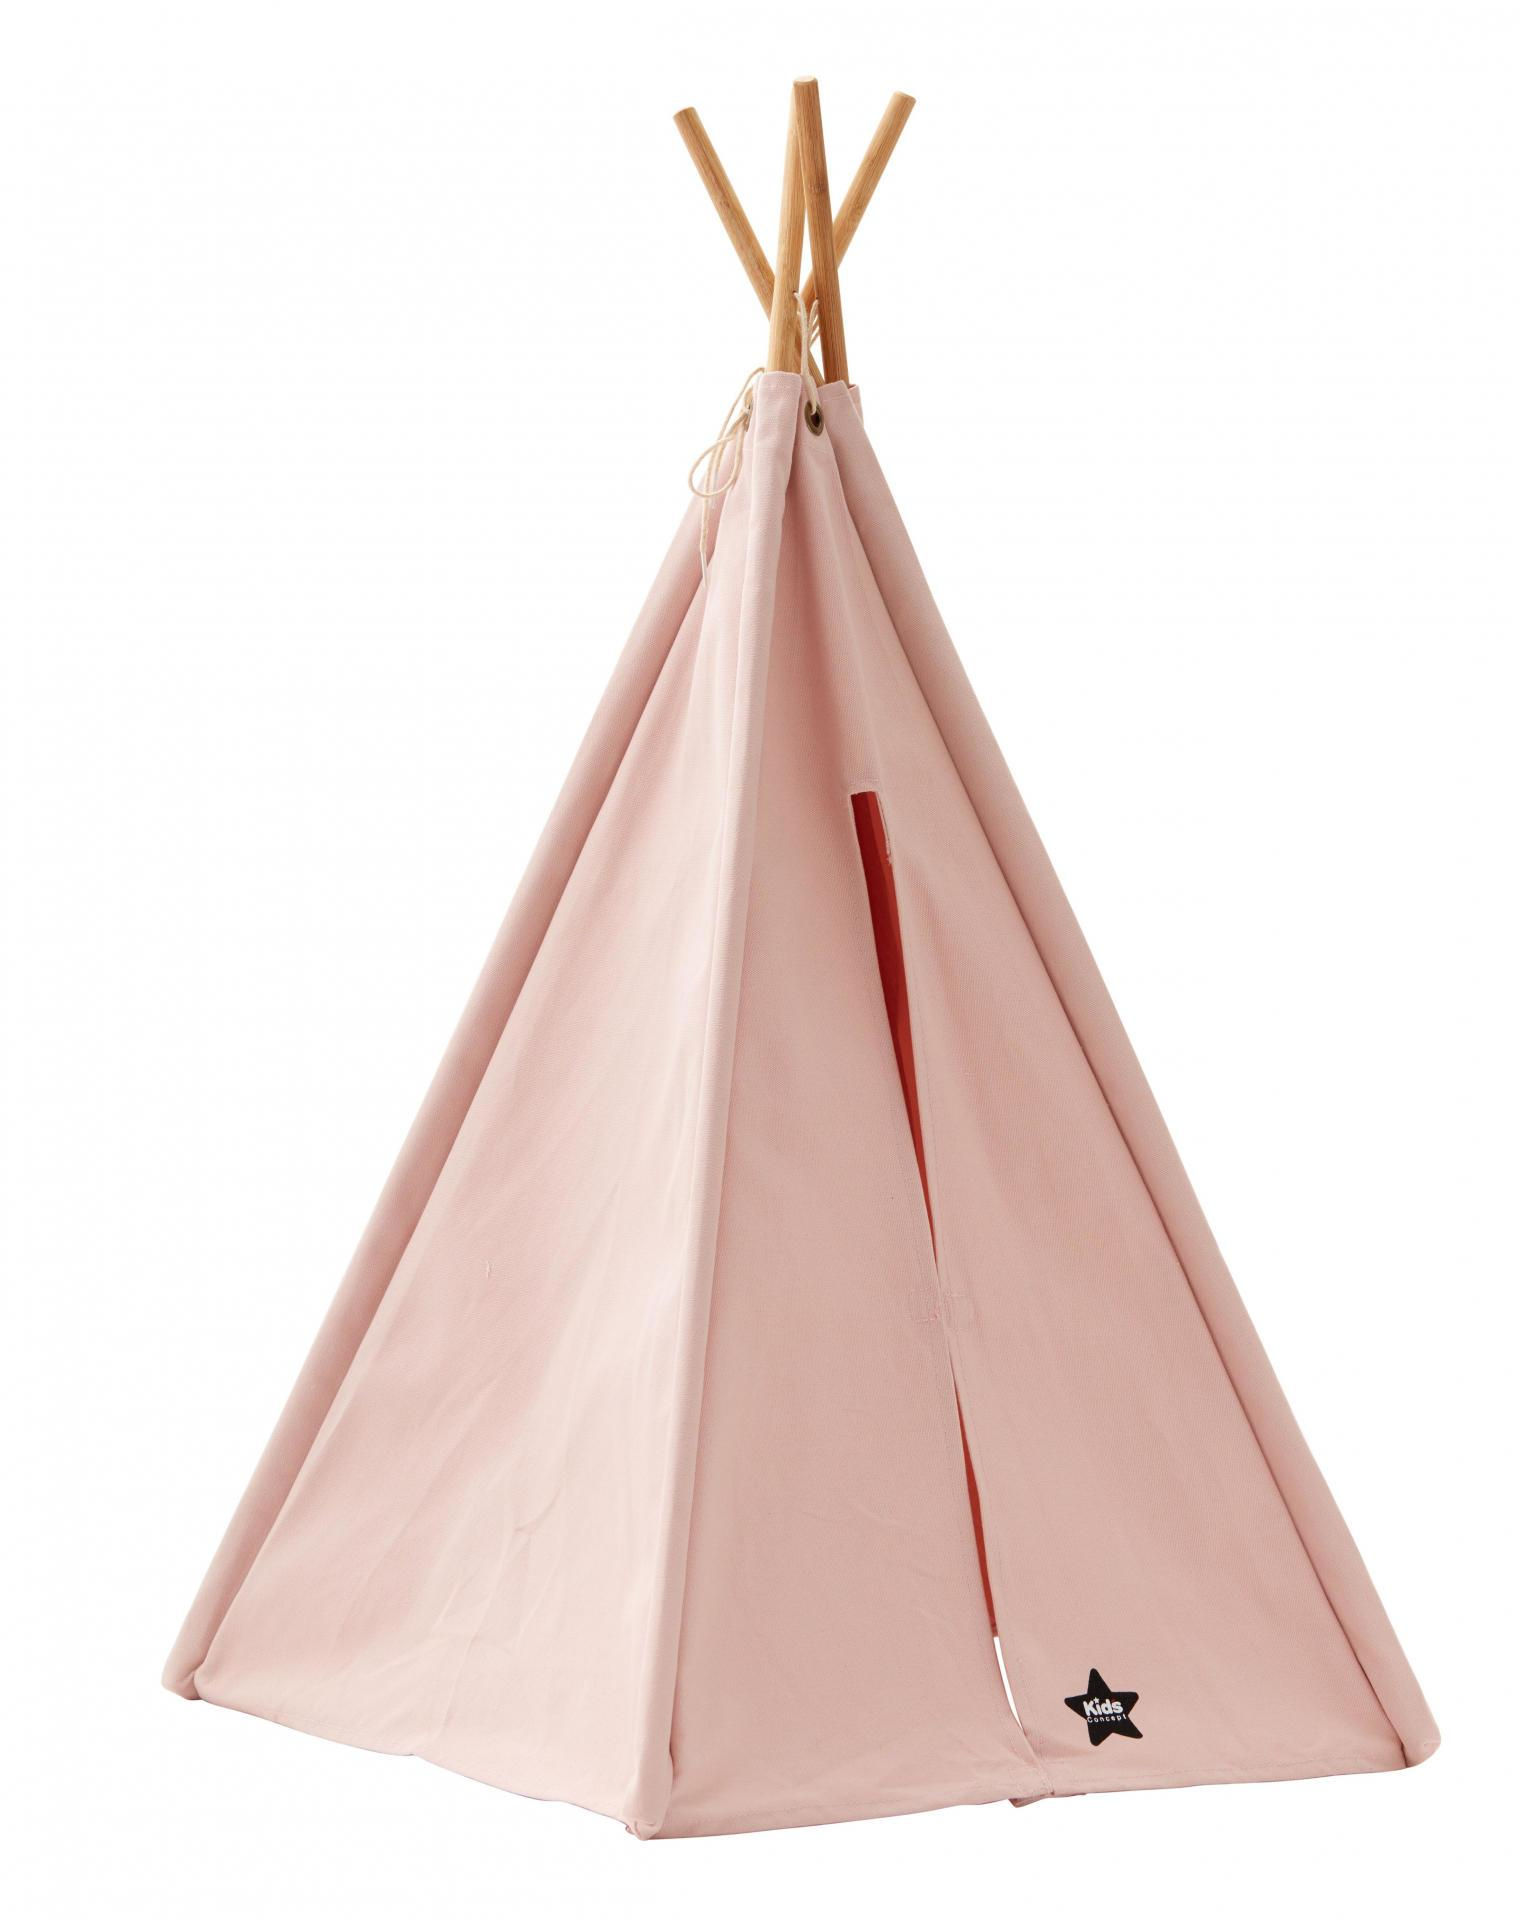 Kids Concept Dětský mini stan Teepee Pink, růžová barva, přírodní barva, dřevo, textil